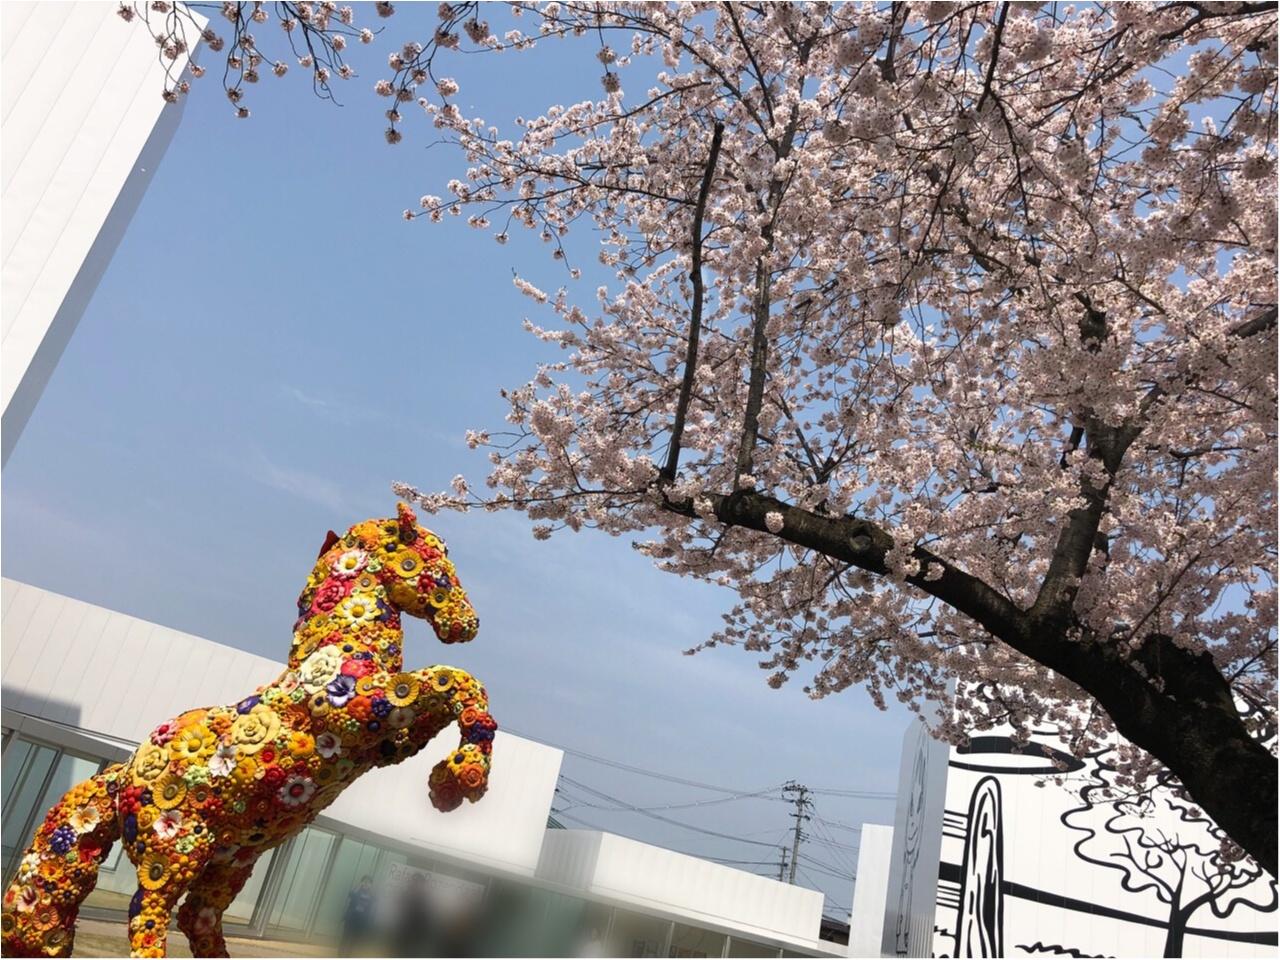 【あんバター好きのカフェ巡り】十和田の街中にある古民家カフェ『カフェミルマウンテン』で癒しのひとときを_6